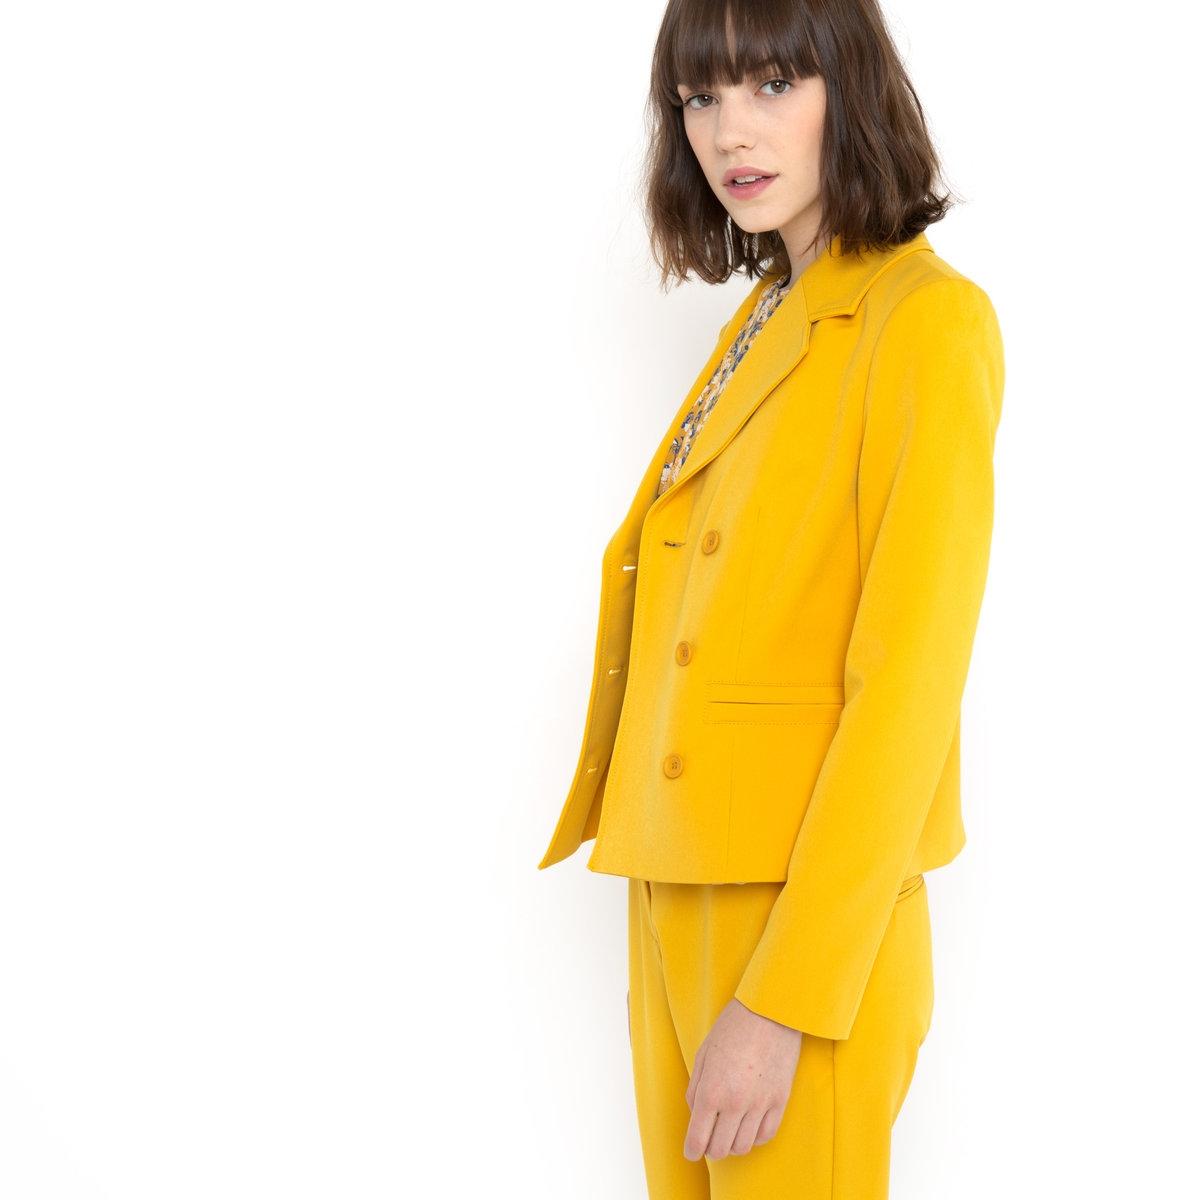 Пиджак из трикотажаПиджак в морском стиле для великосветской дамы...Пиджак из трикотажа. Застежка на перекрестные пуговицы. 100% полиэстера. Подкладка из 100% хлопка. Длина ок. 57 см.<br><br>Цвет: желтый шафран